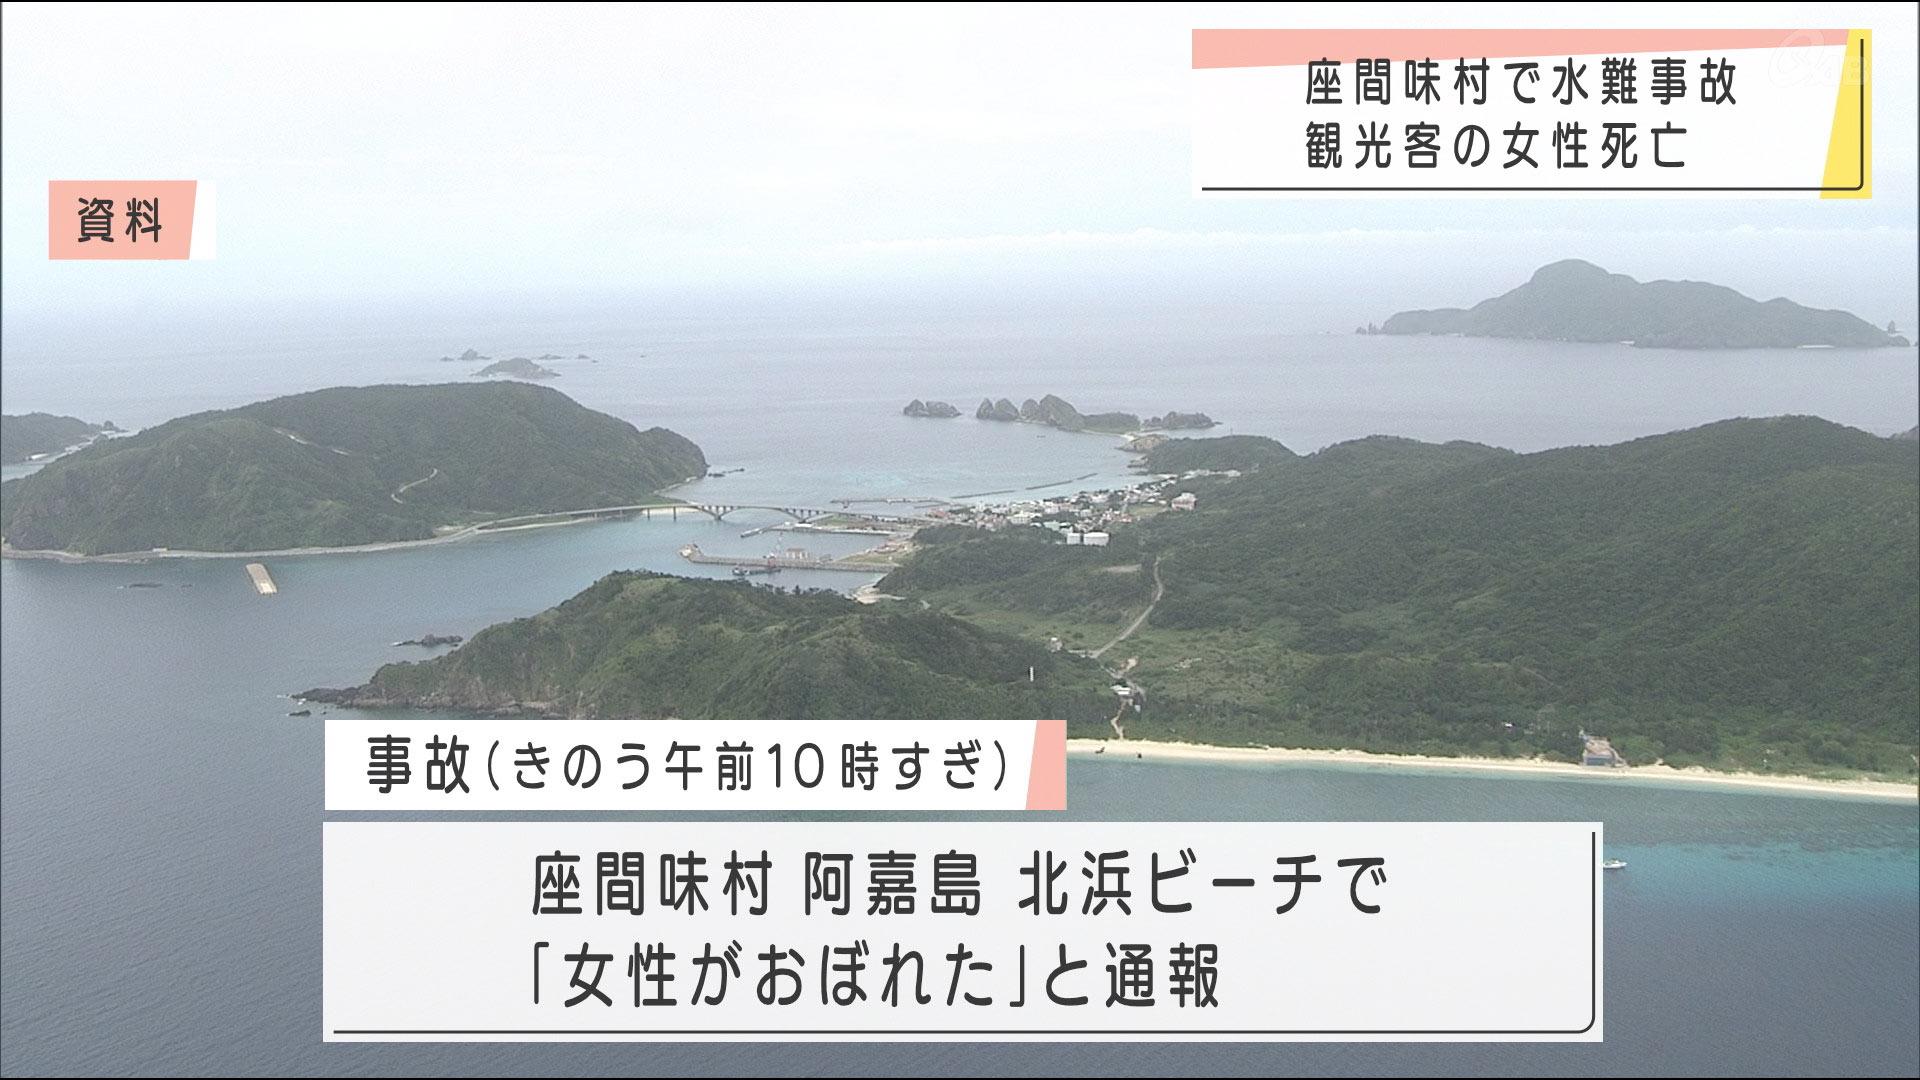 阿嘉島でシュノーケリング中の女性がおぼれ死亡